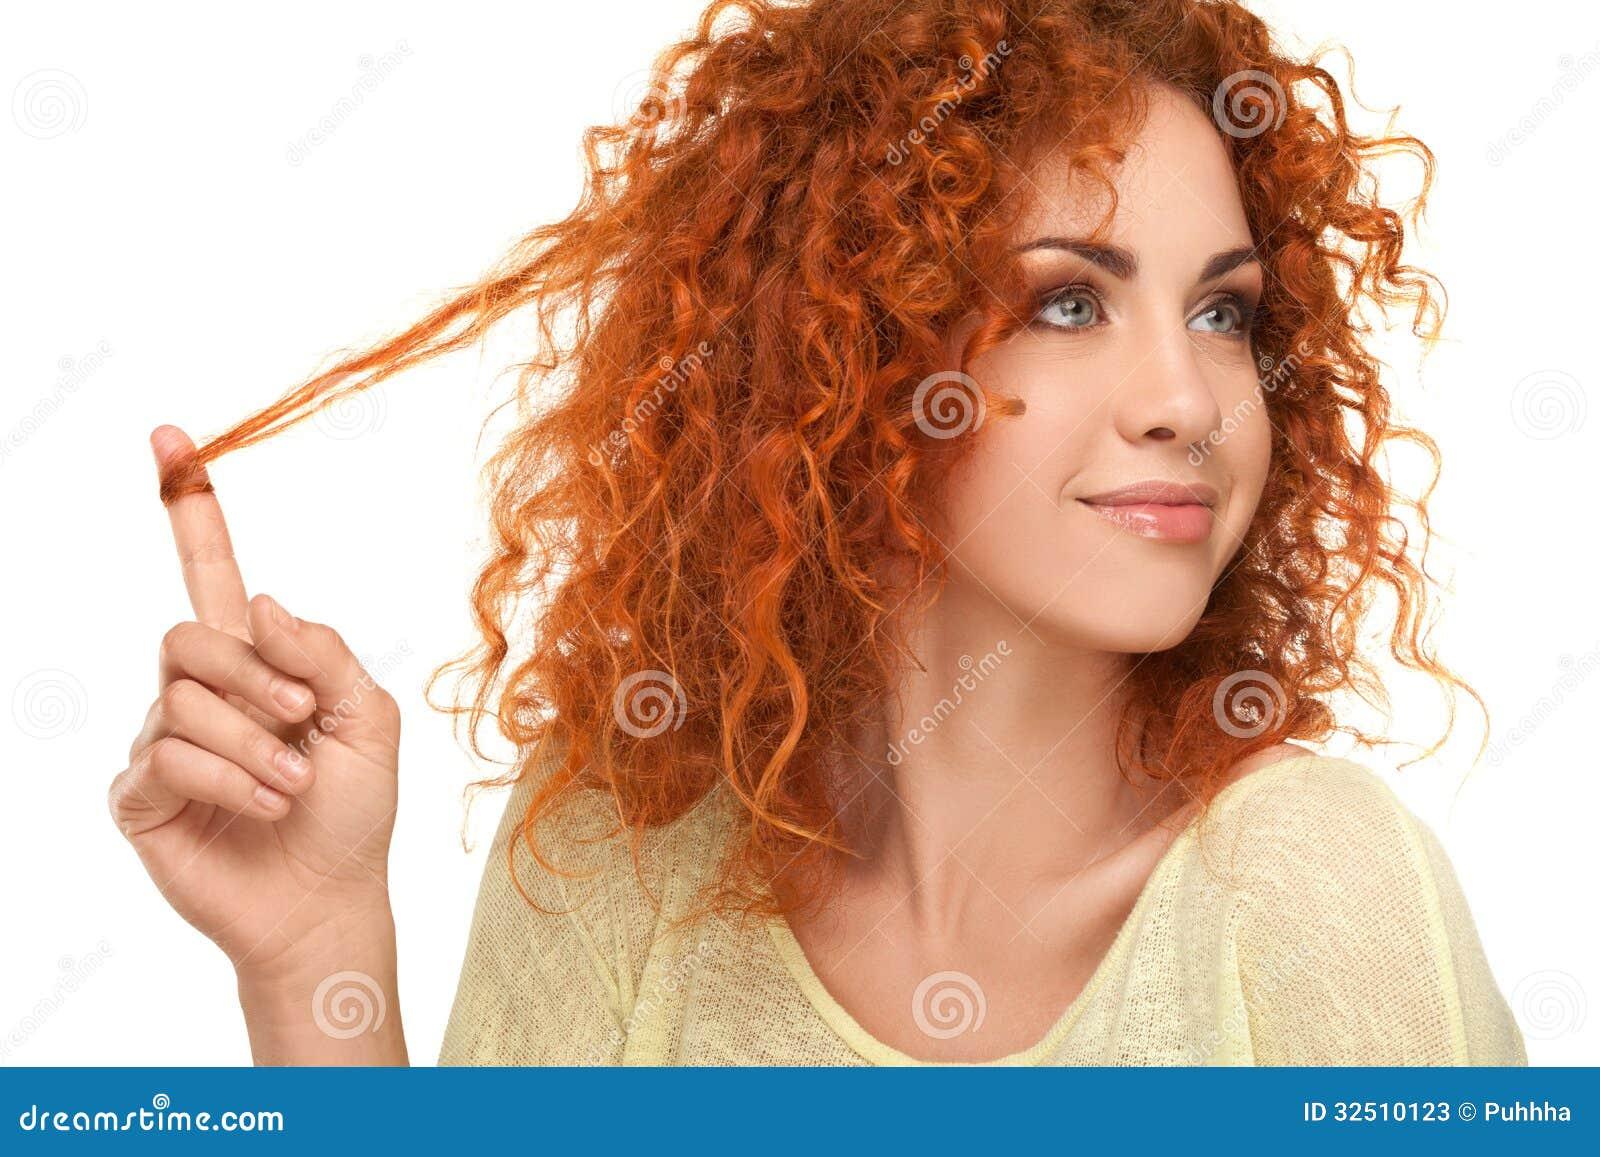 Как кудрявые волосы сделать еще кудрявее